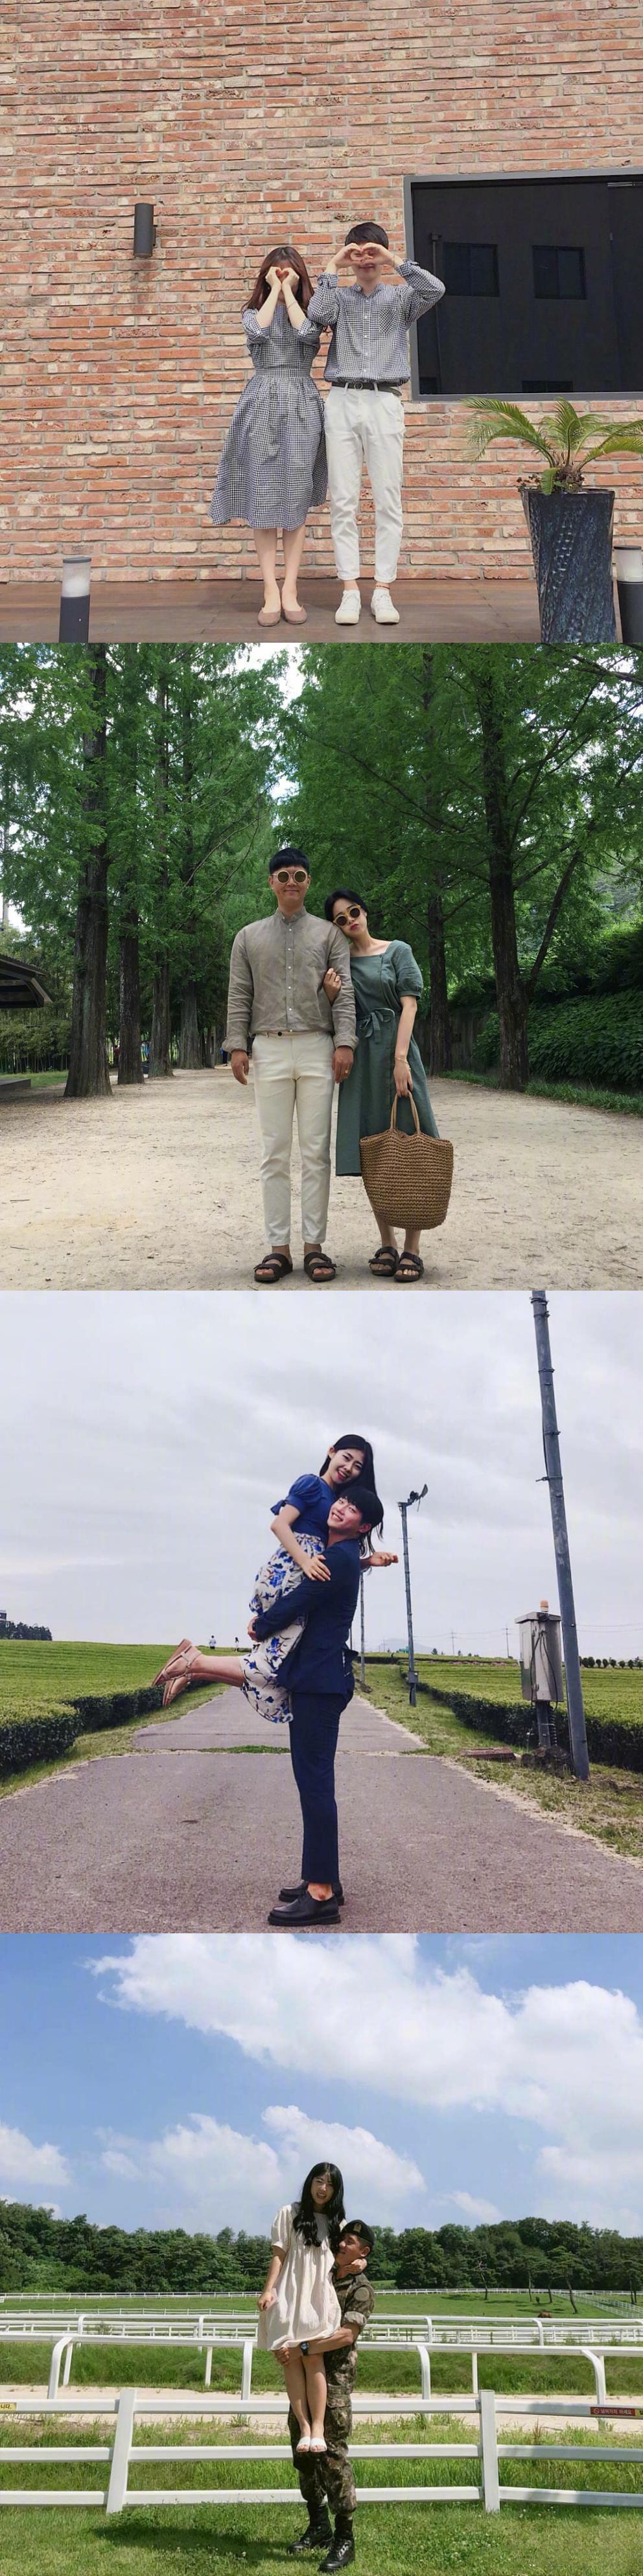 一组情侣拍照姿势马住参考!